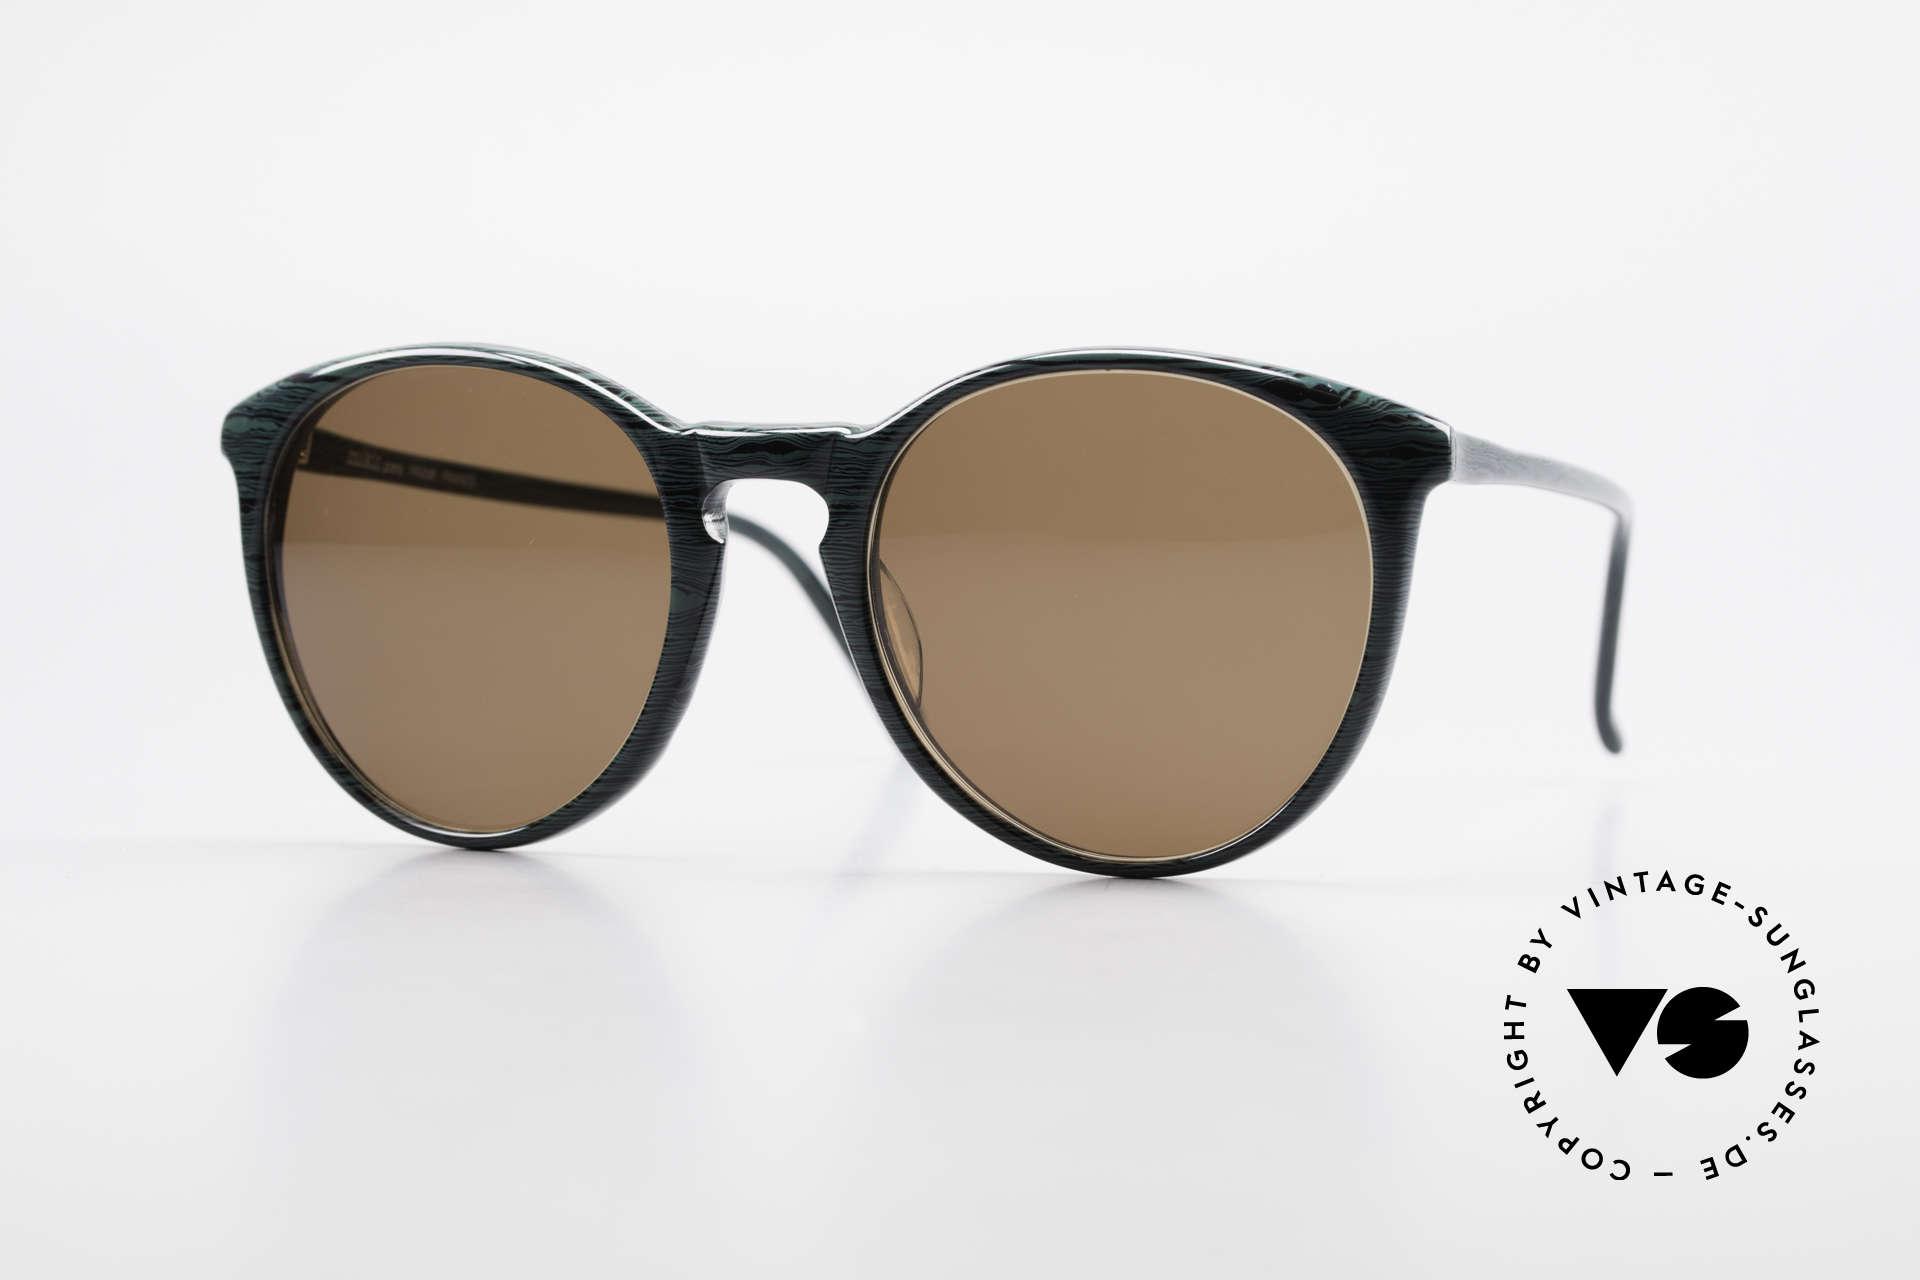 Alain Mikli 901 / 285 Green Marbled Panto Frame, elegant VINTAGE Alain Mikli designer sunglasses, Made for Men and Women